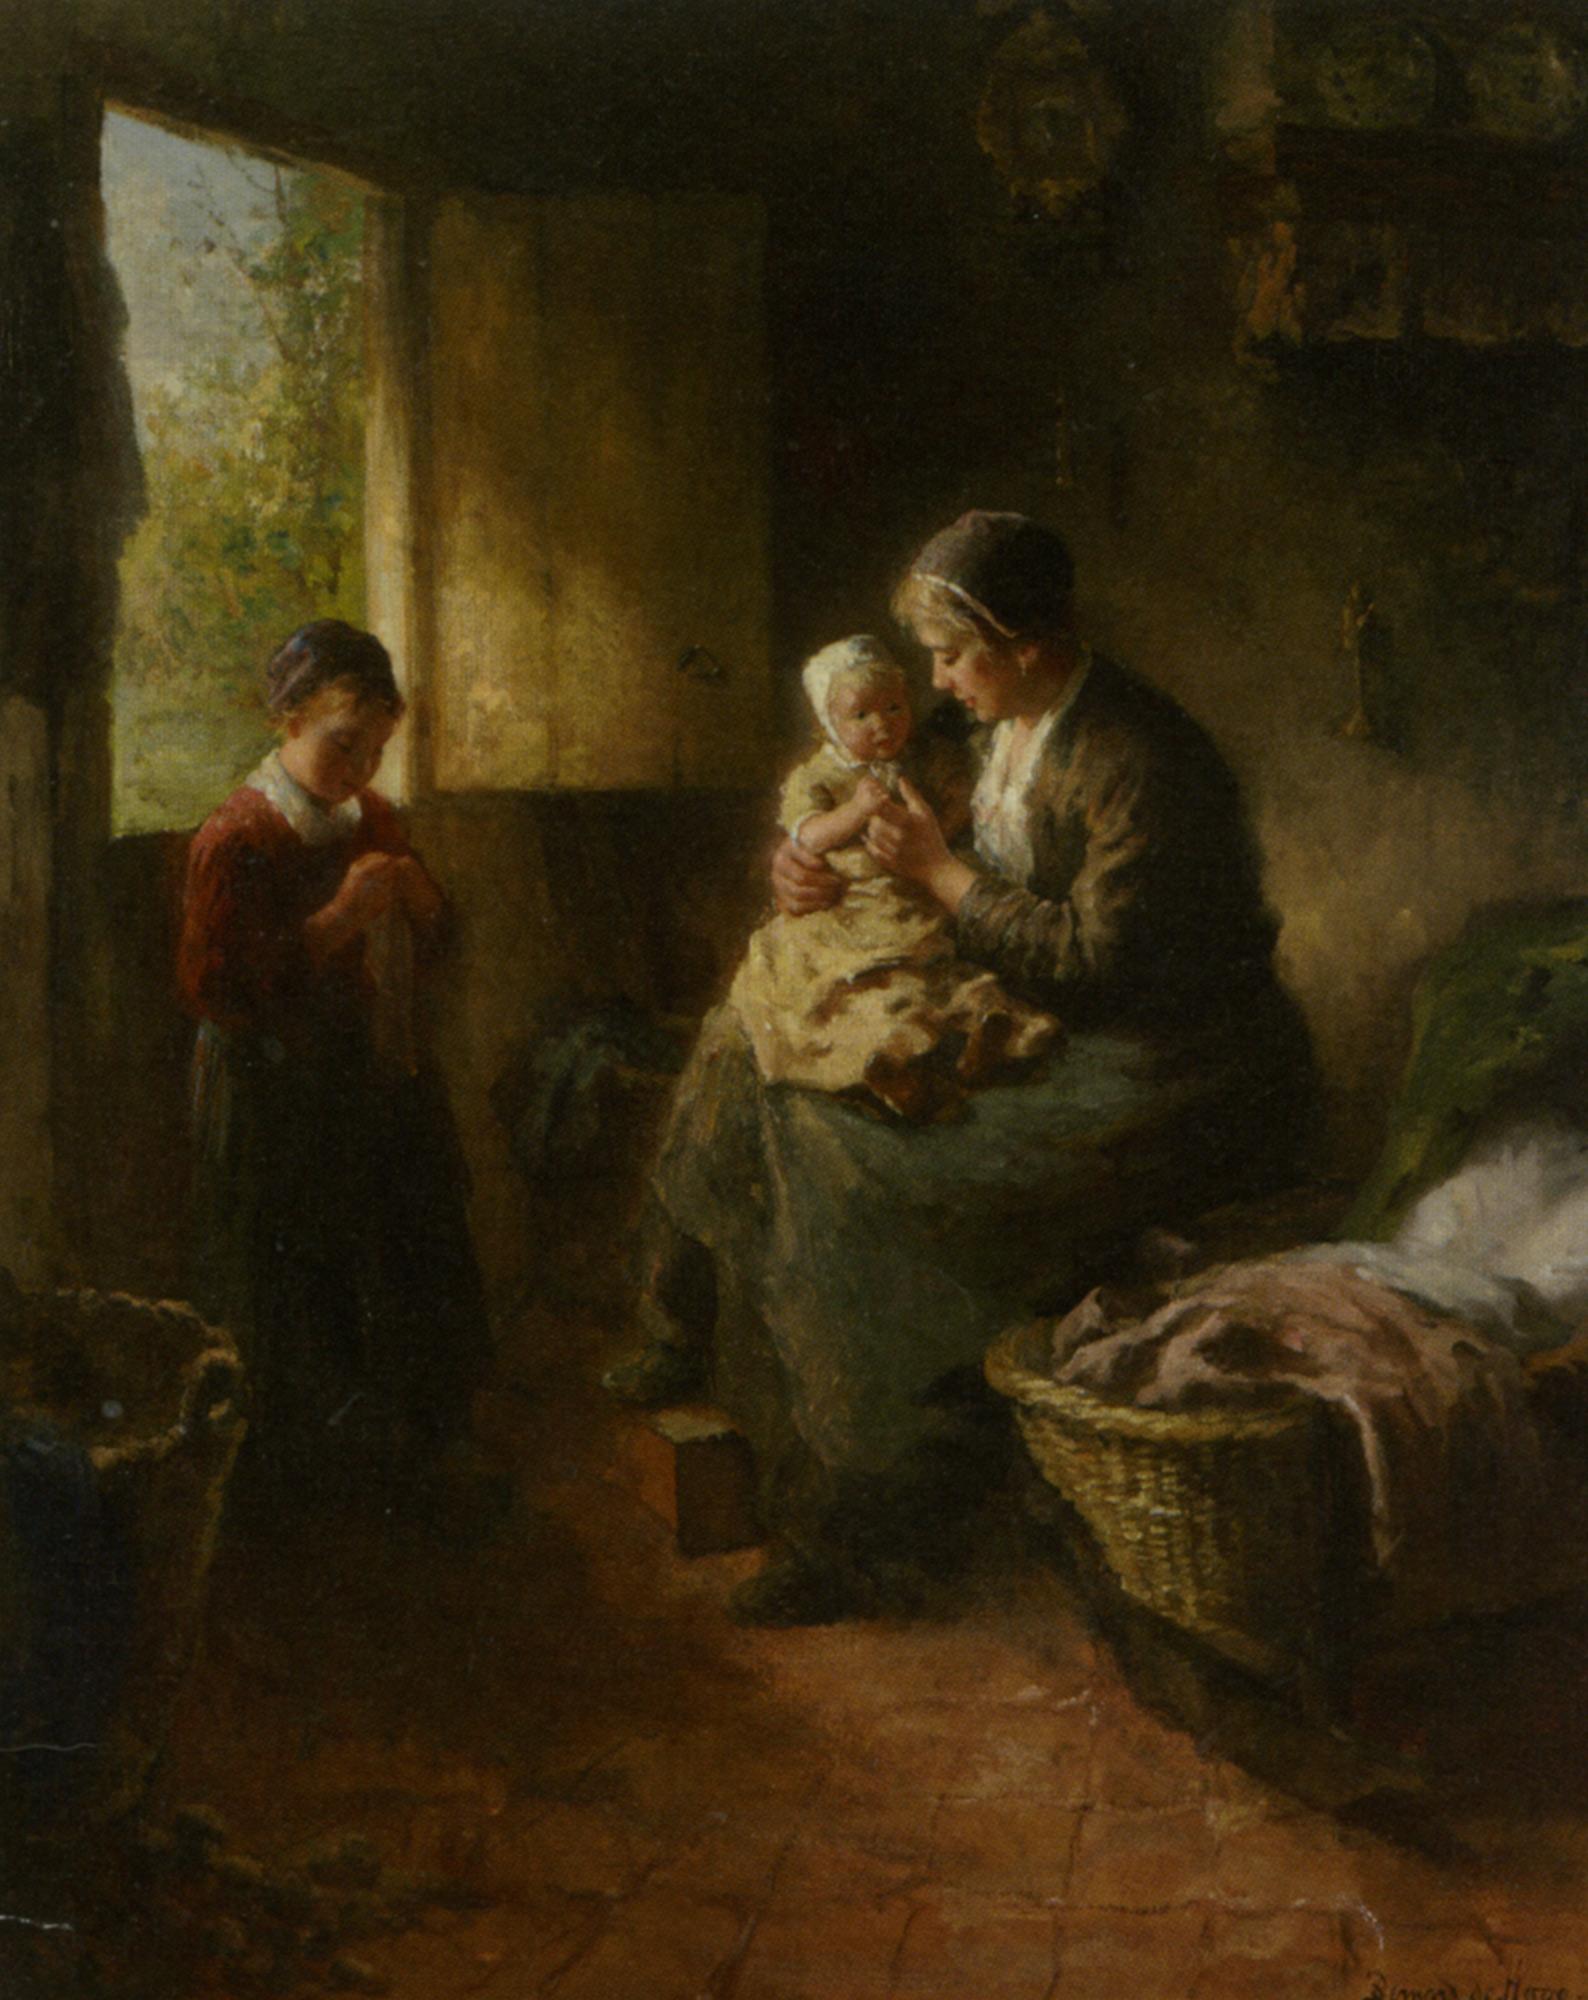 Mothers Joy :: Bernard de Hoog - Woman and child in painting and art ôîòî